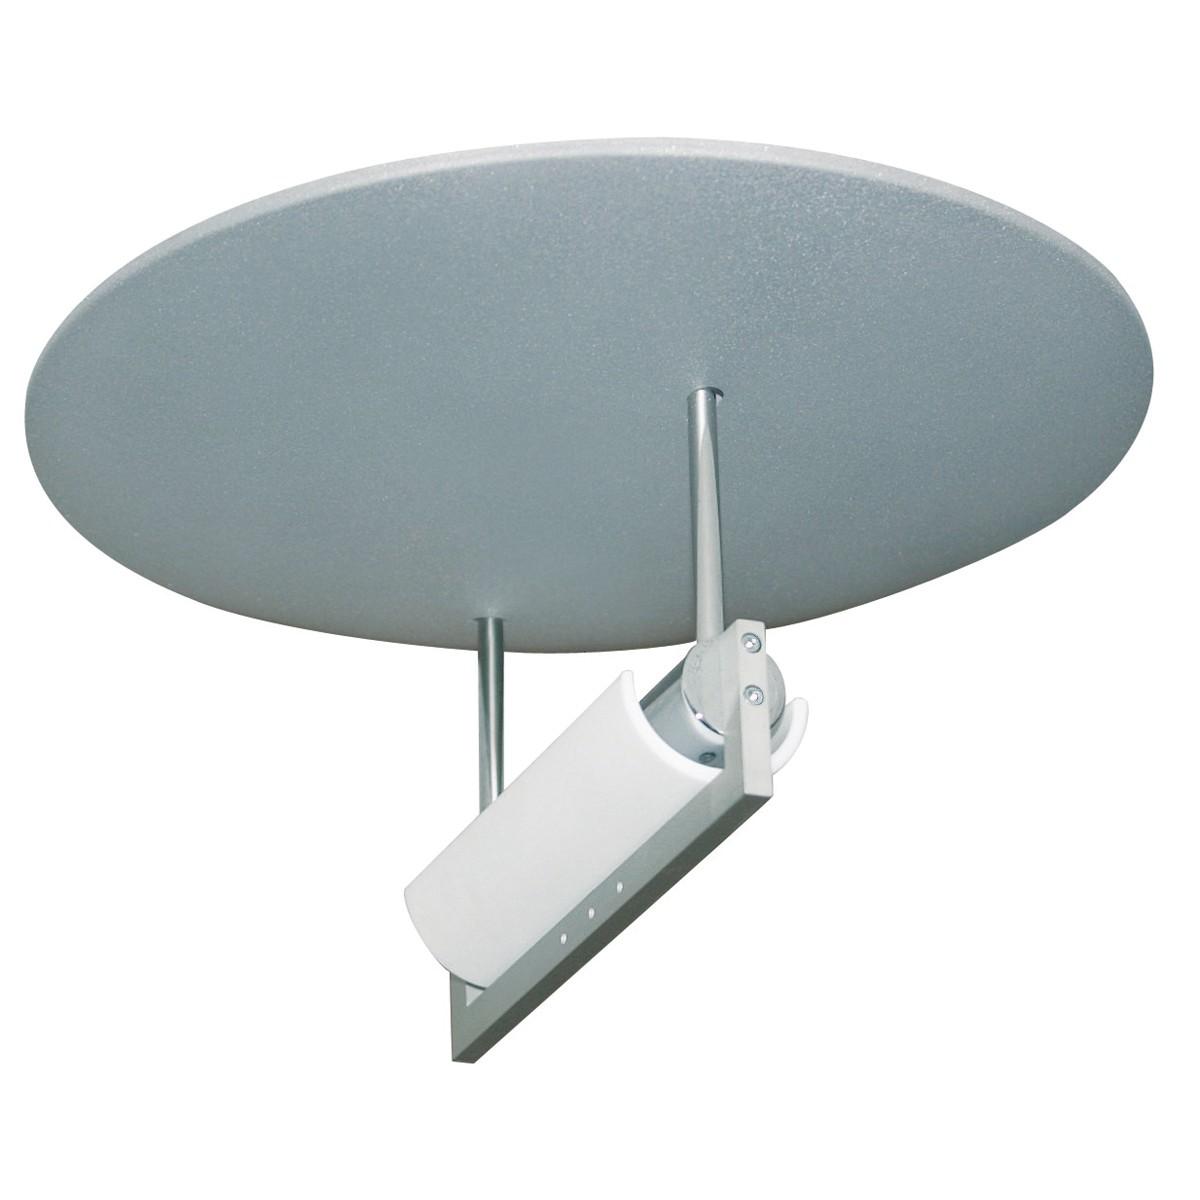 Oligo Round About Deckenleuchte, Ø: 32 cm, Reflektor: weiß matt